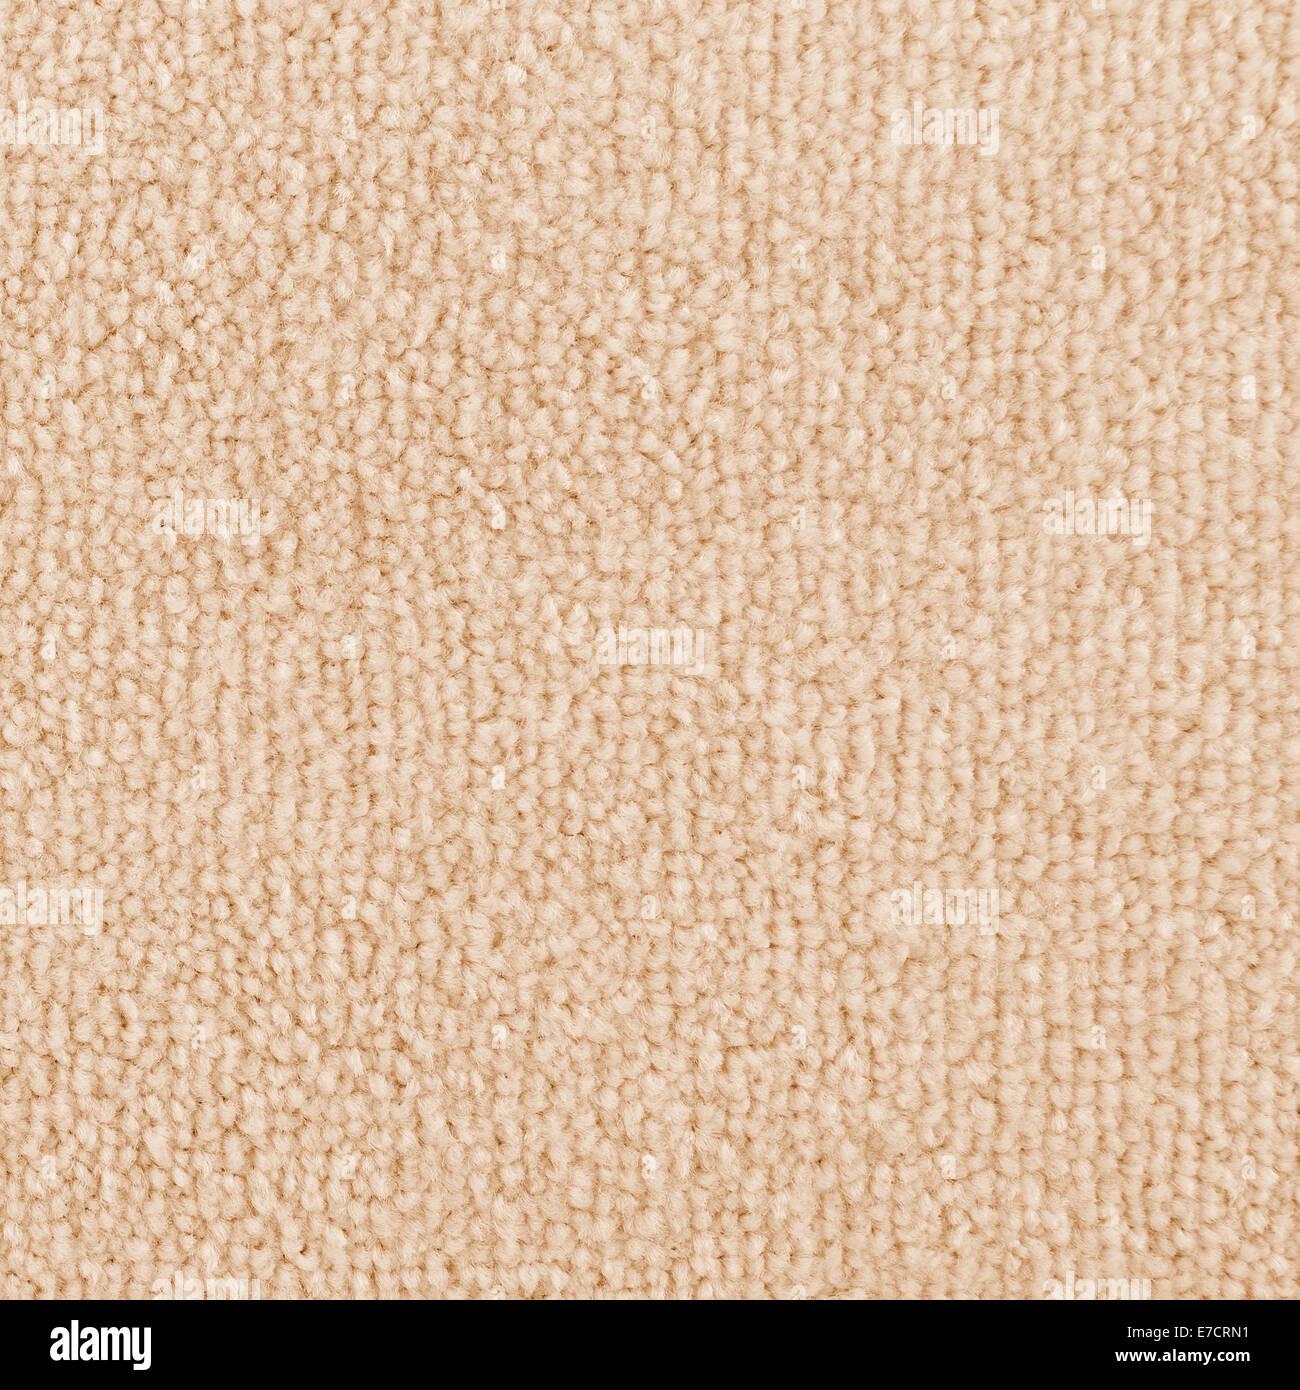 La moquette nuova texture. Beige lucido pavimento in moquette come sfondo senza giunture. Immagini Stock